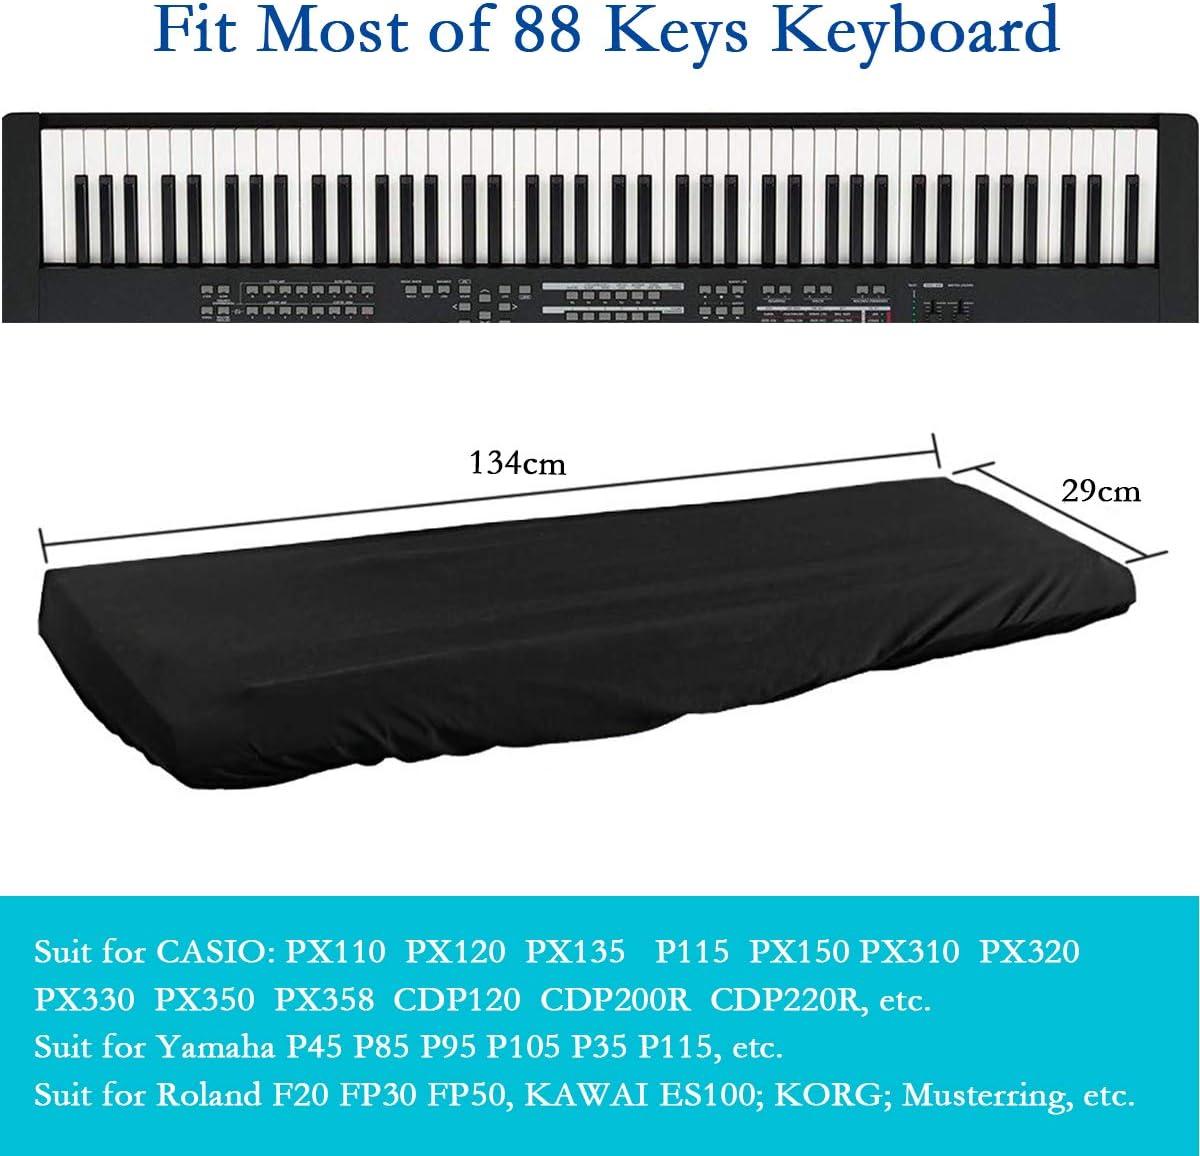 Herefun Cubierta para el teclado de piano, Funda Piano 88 Teclas, cordón elástico ajustable, impermeable electrónica teclado de Piano Dust Cover ...